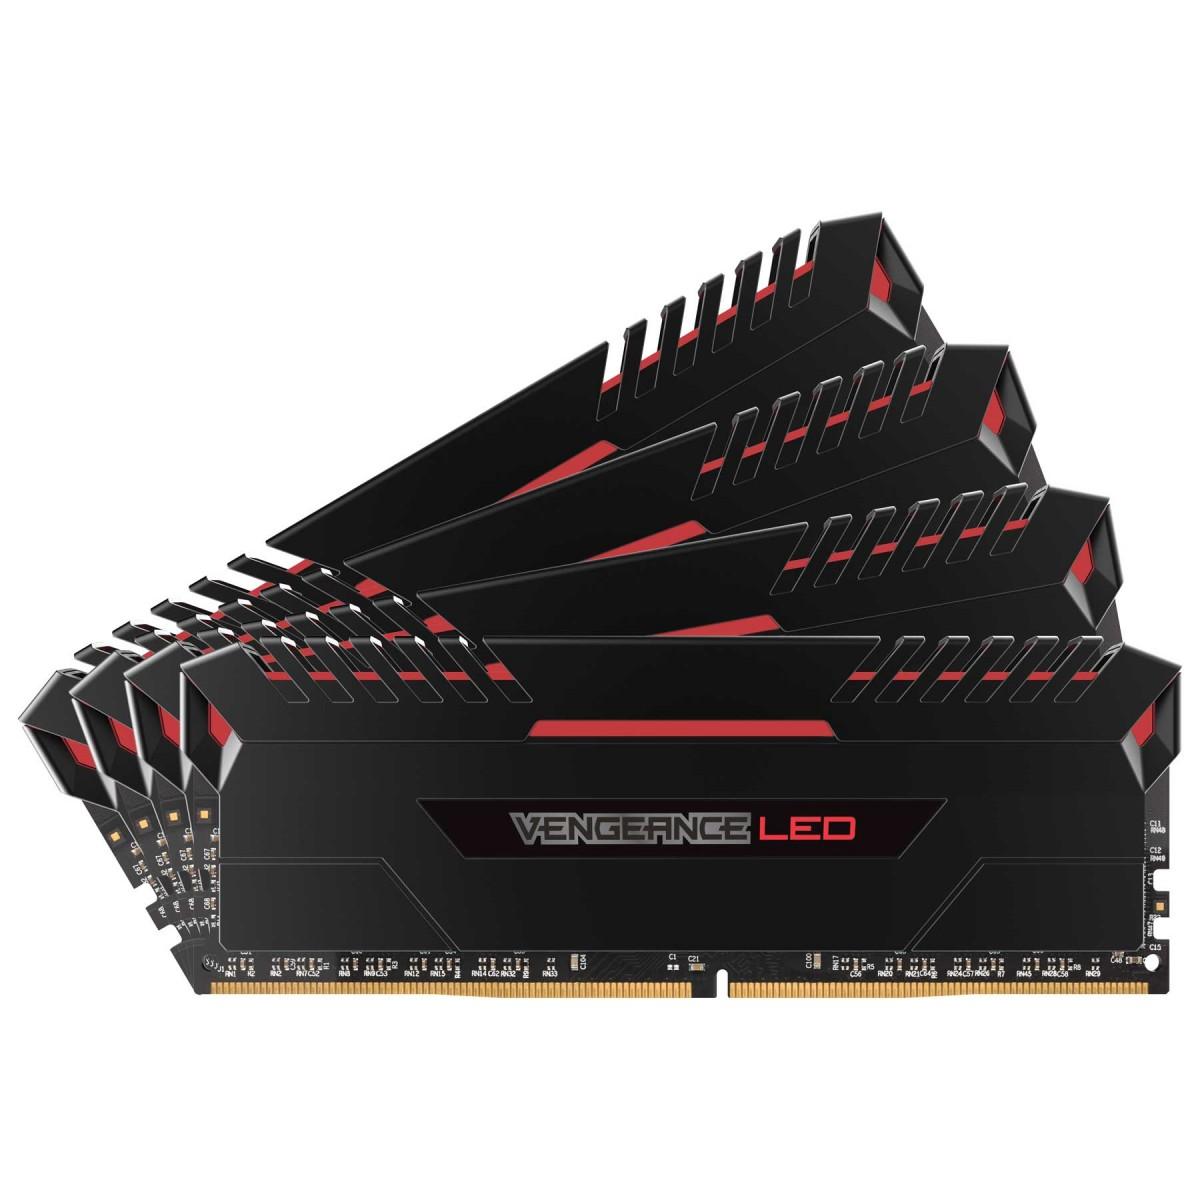 CORSAIR Vengeance LED Red 32GB DDR-4 3466MHz (8GBX4) Kit Memory